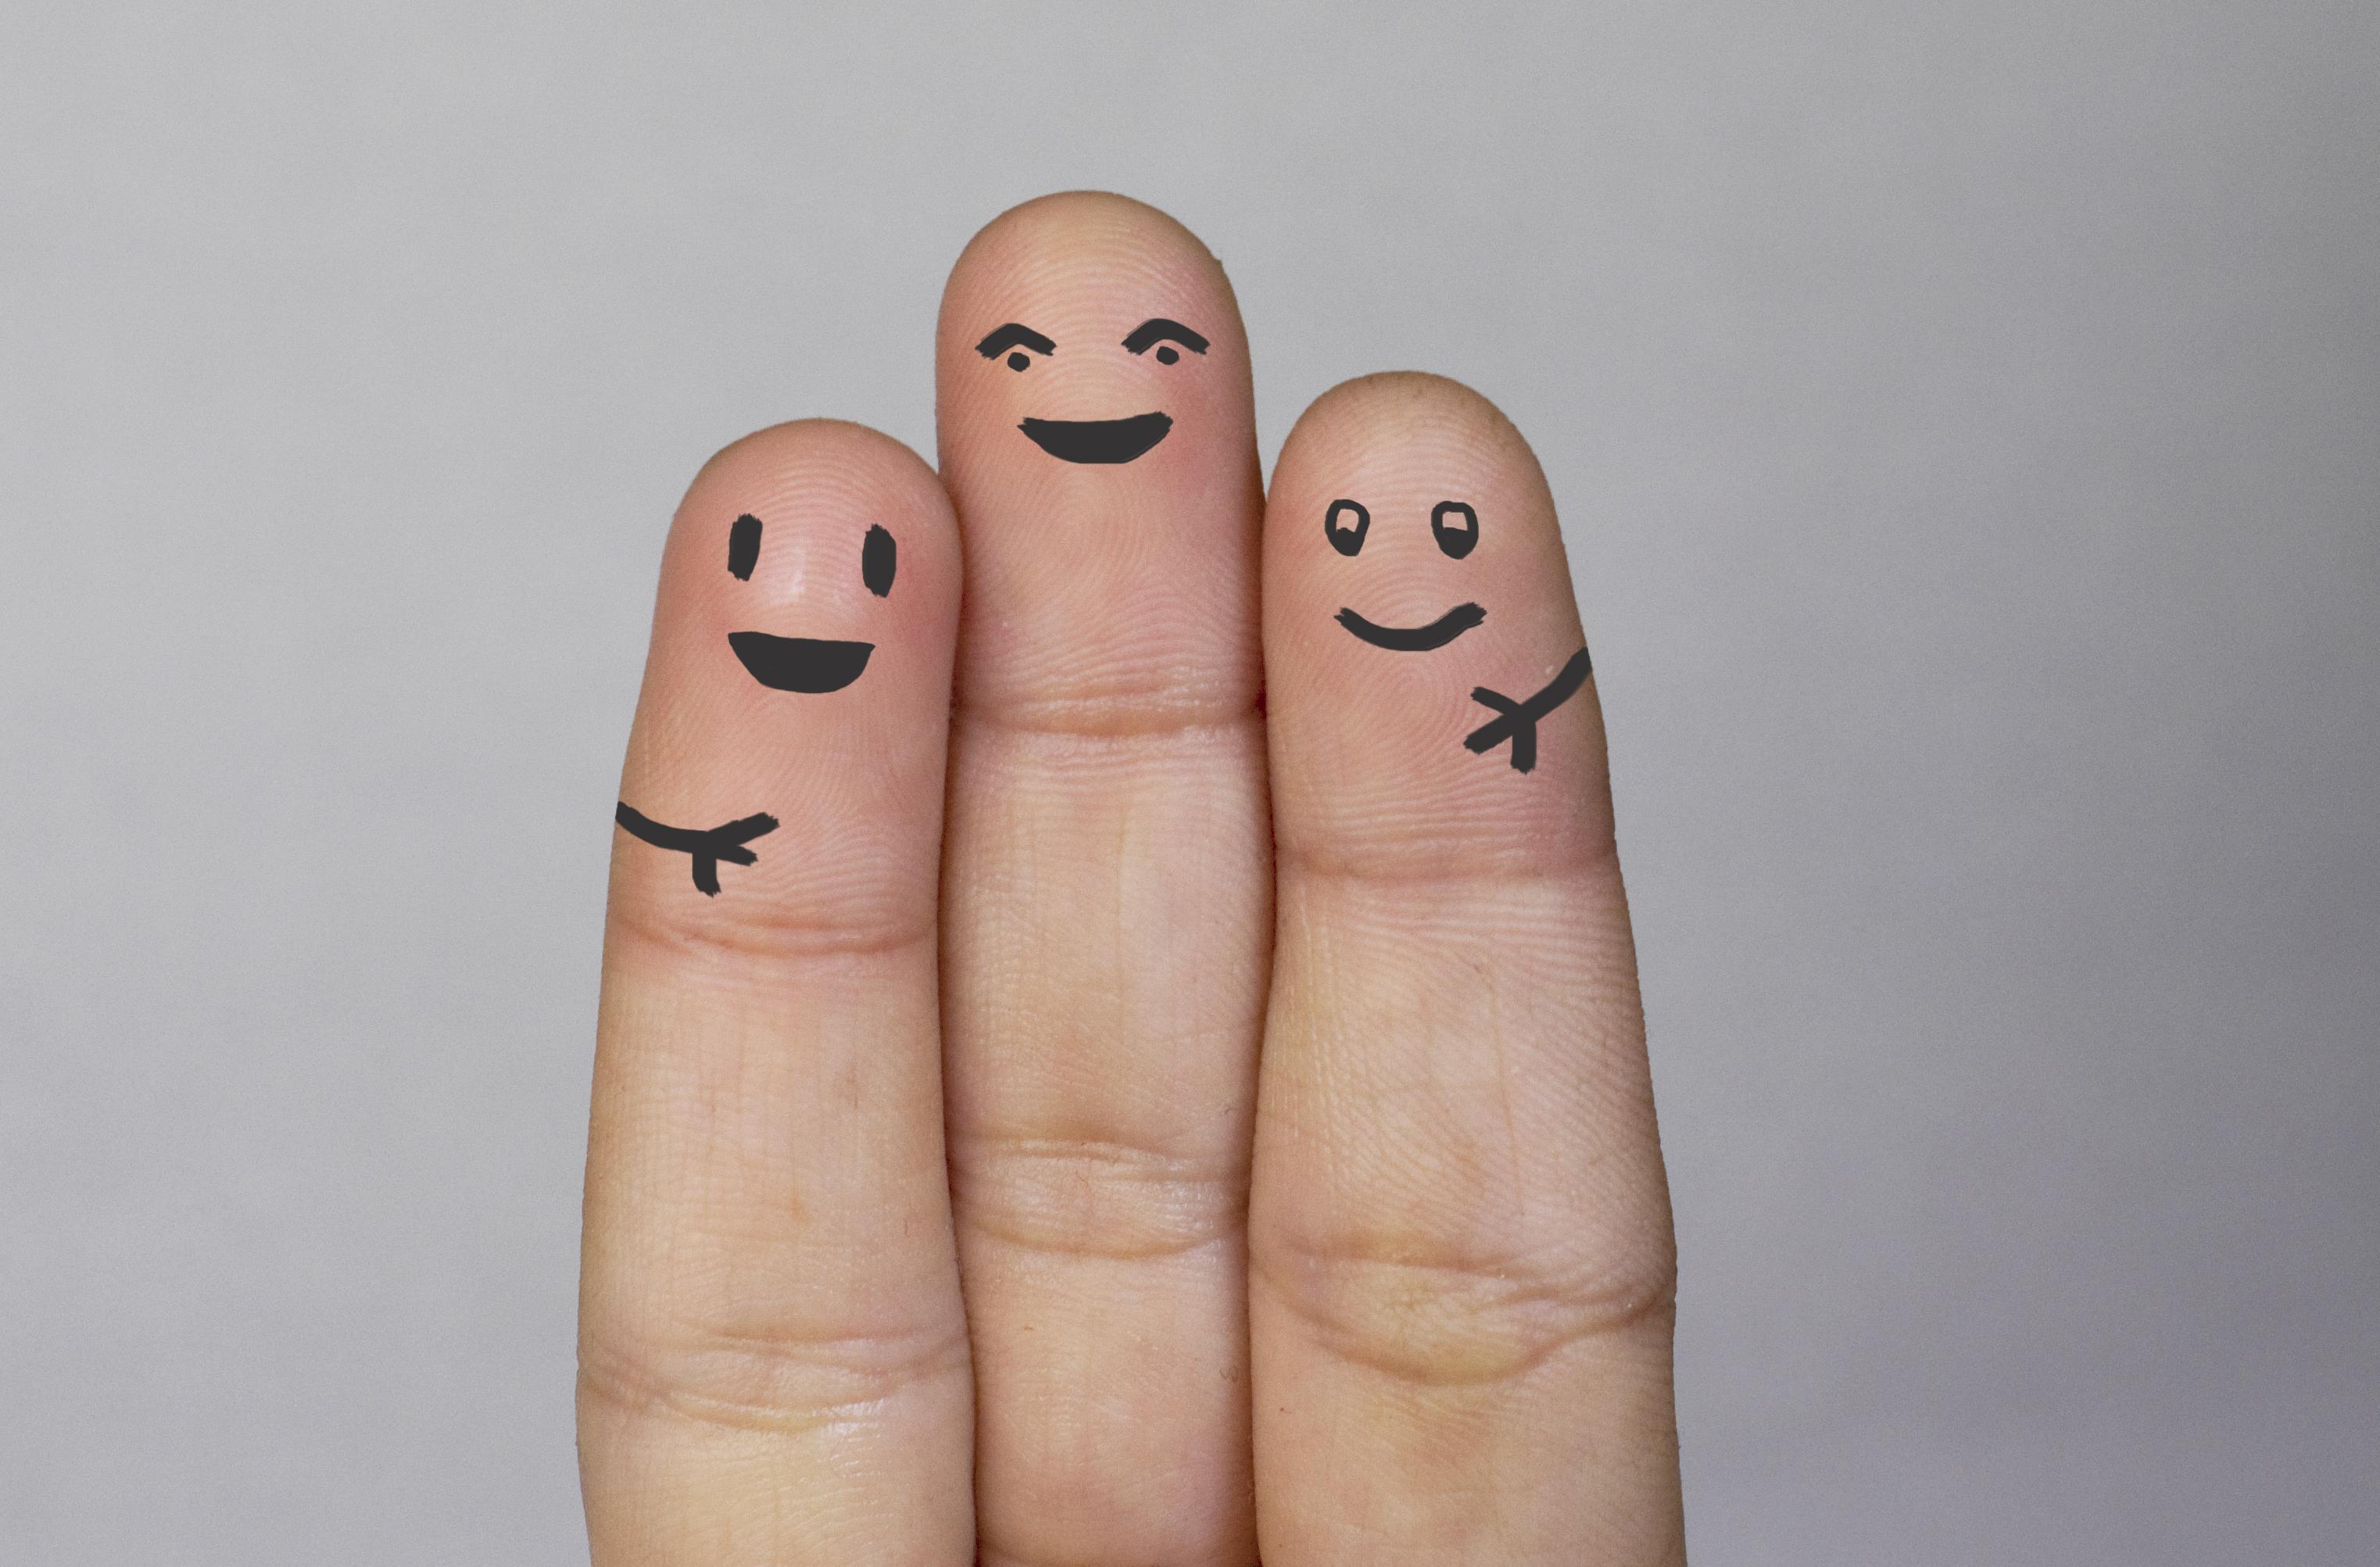 Февраля, картинка с пальцами